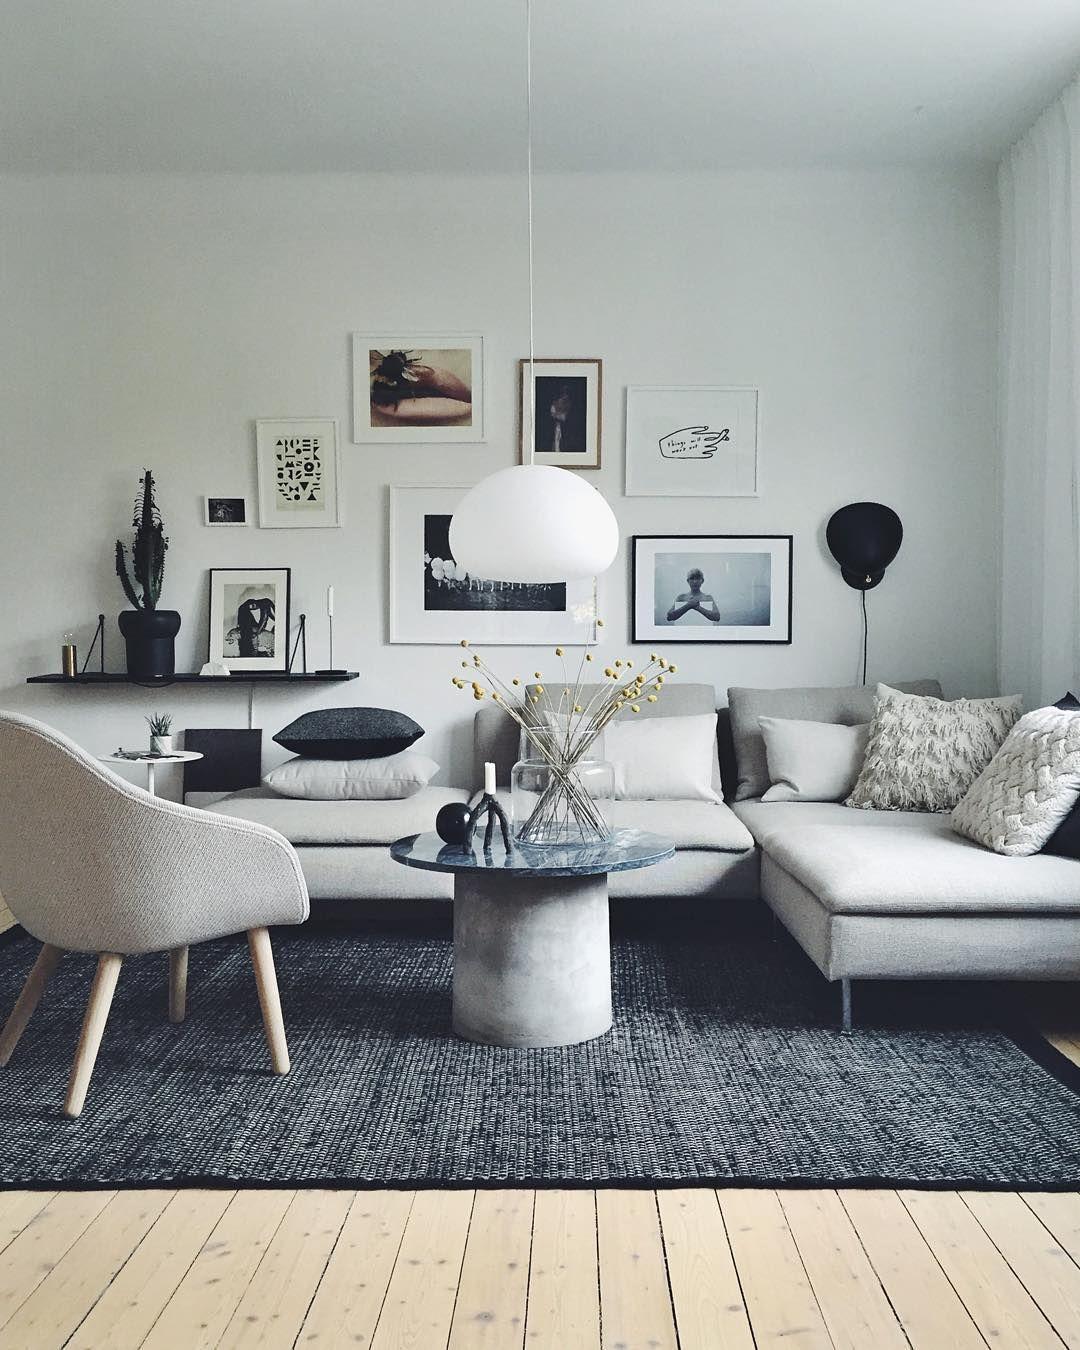 Wohnzimmer ähnliche tolle Projekte und Ideen wie im Bild vorgestellt ...